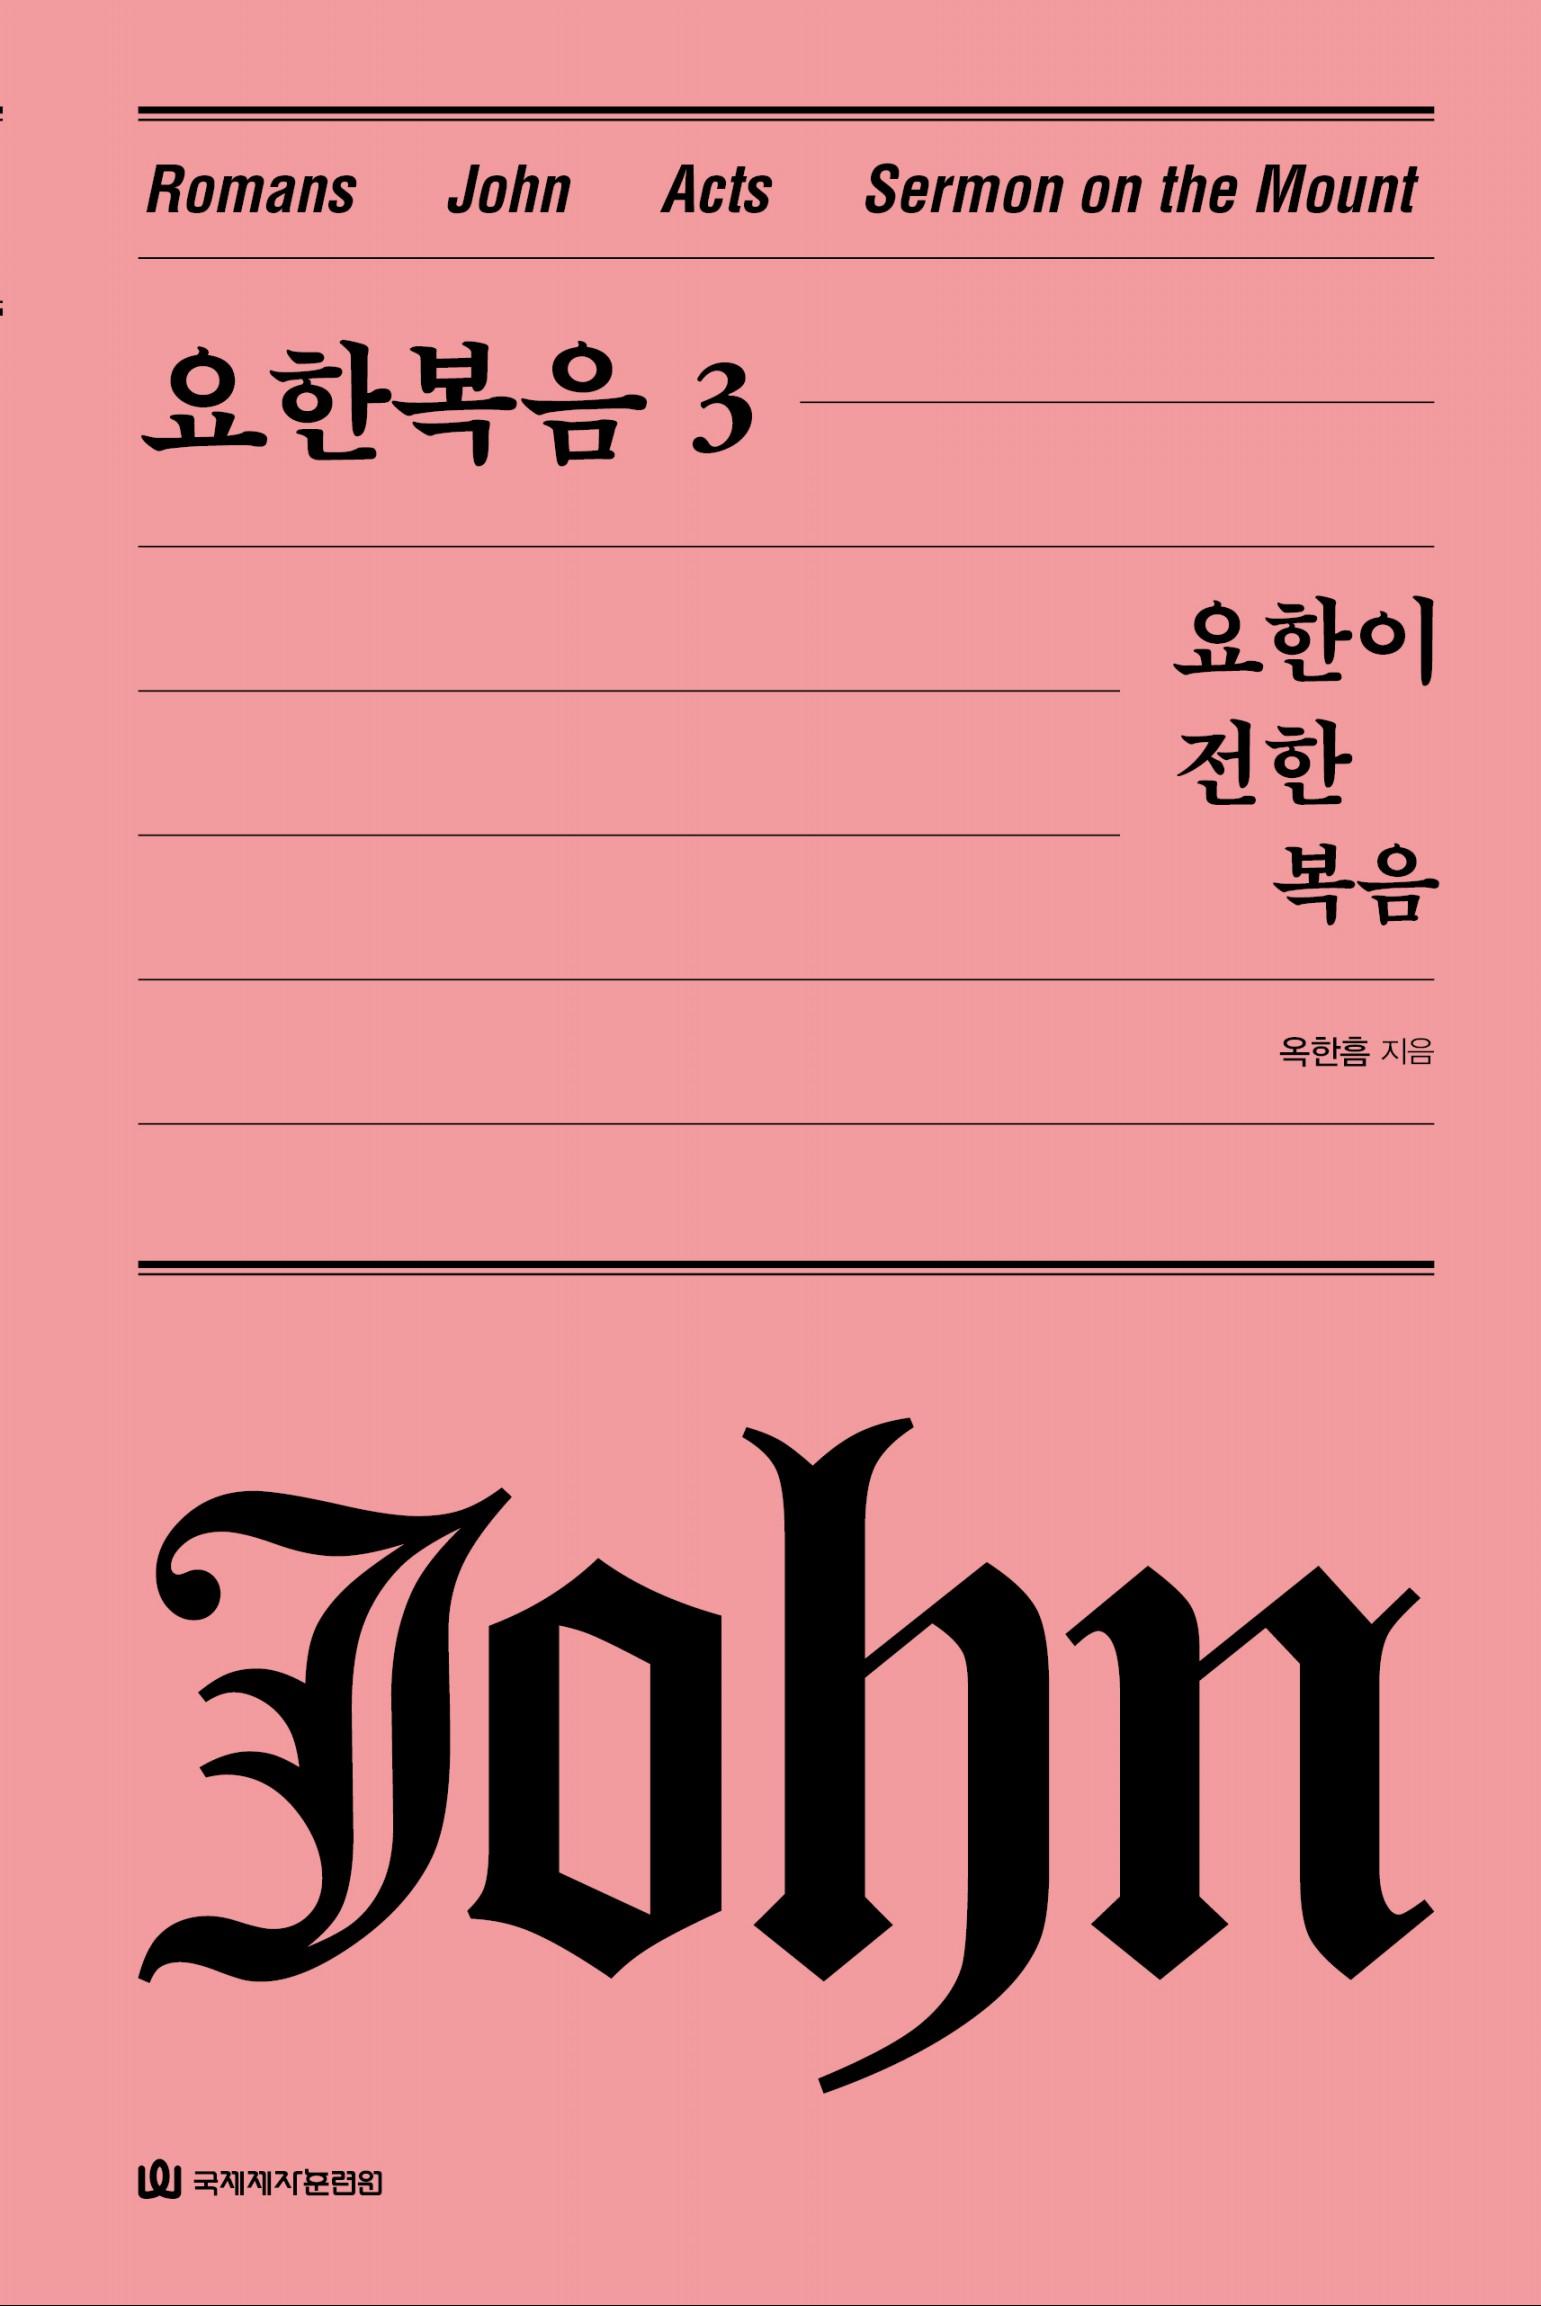 john3